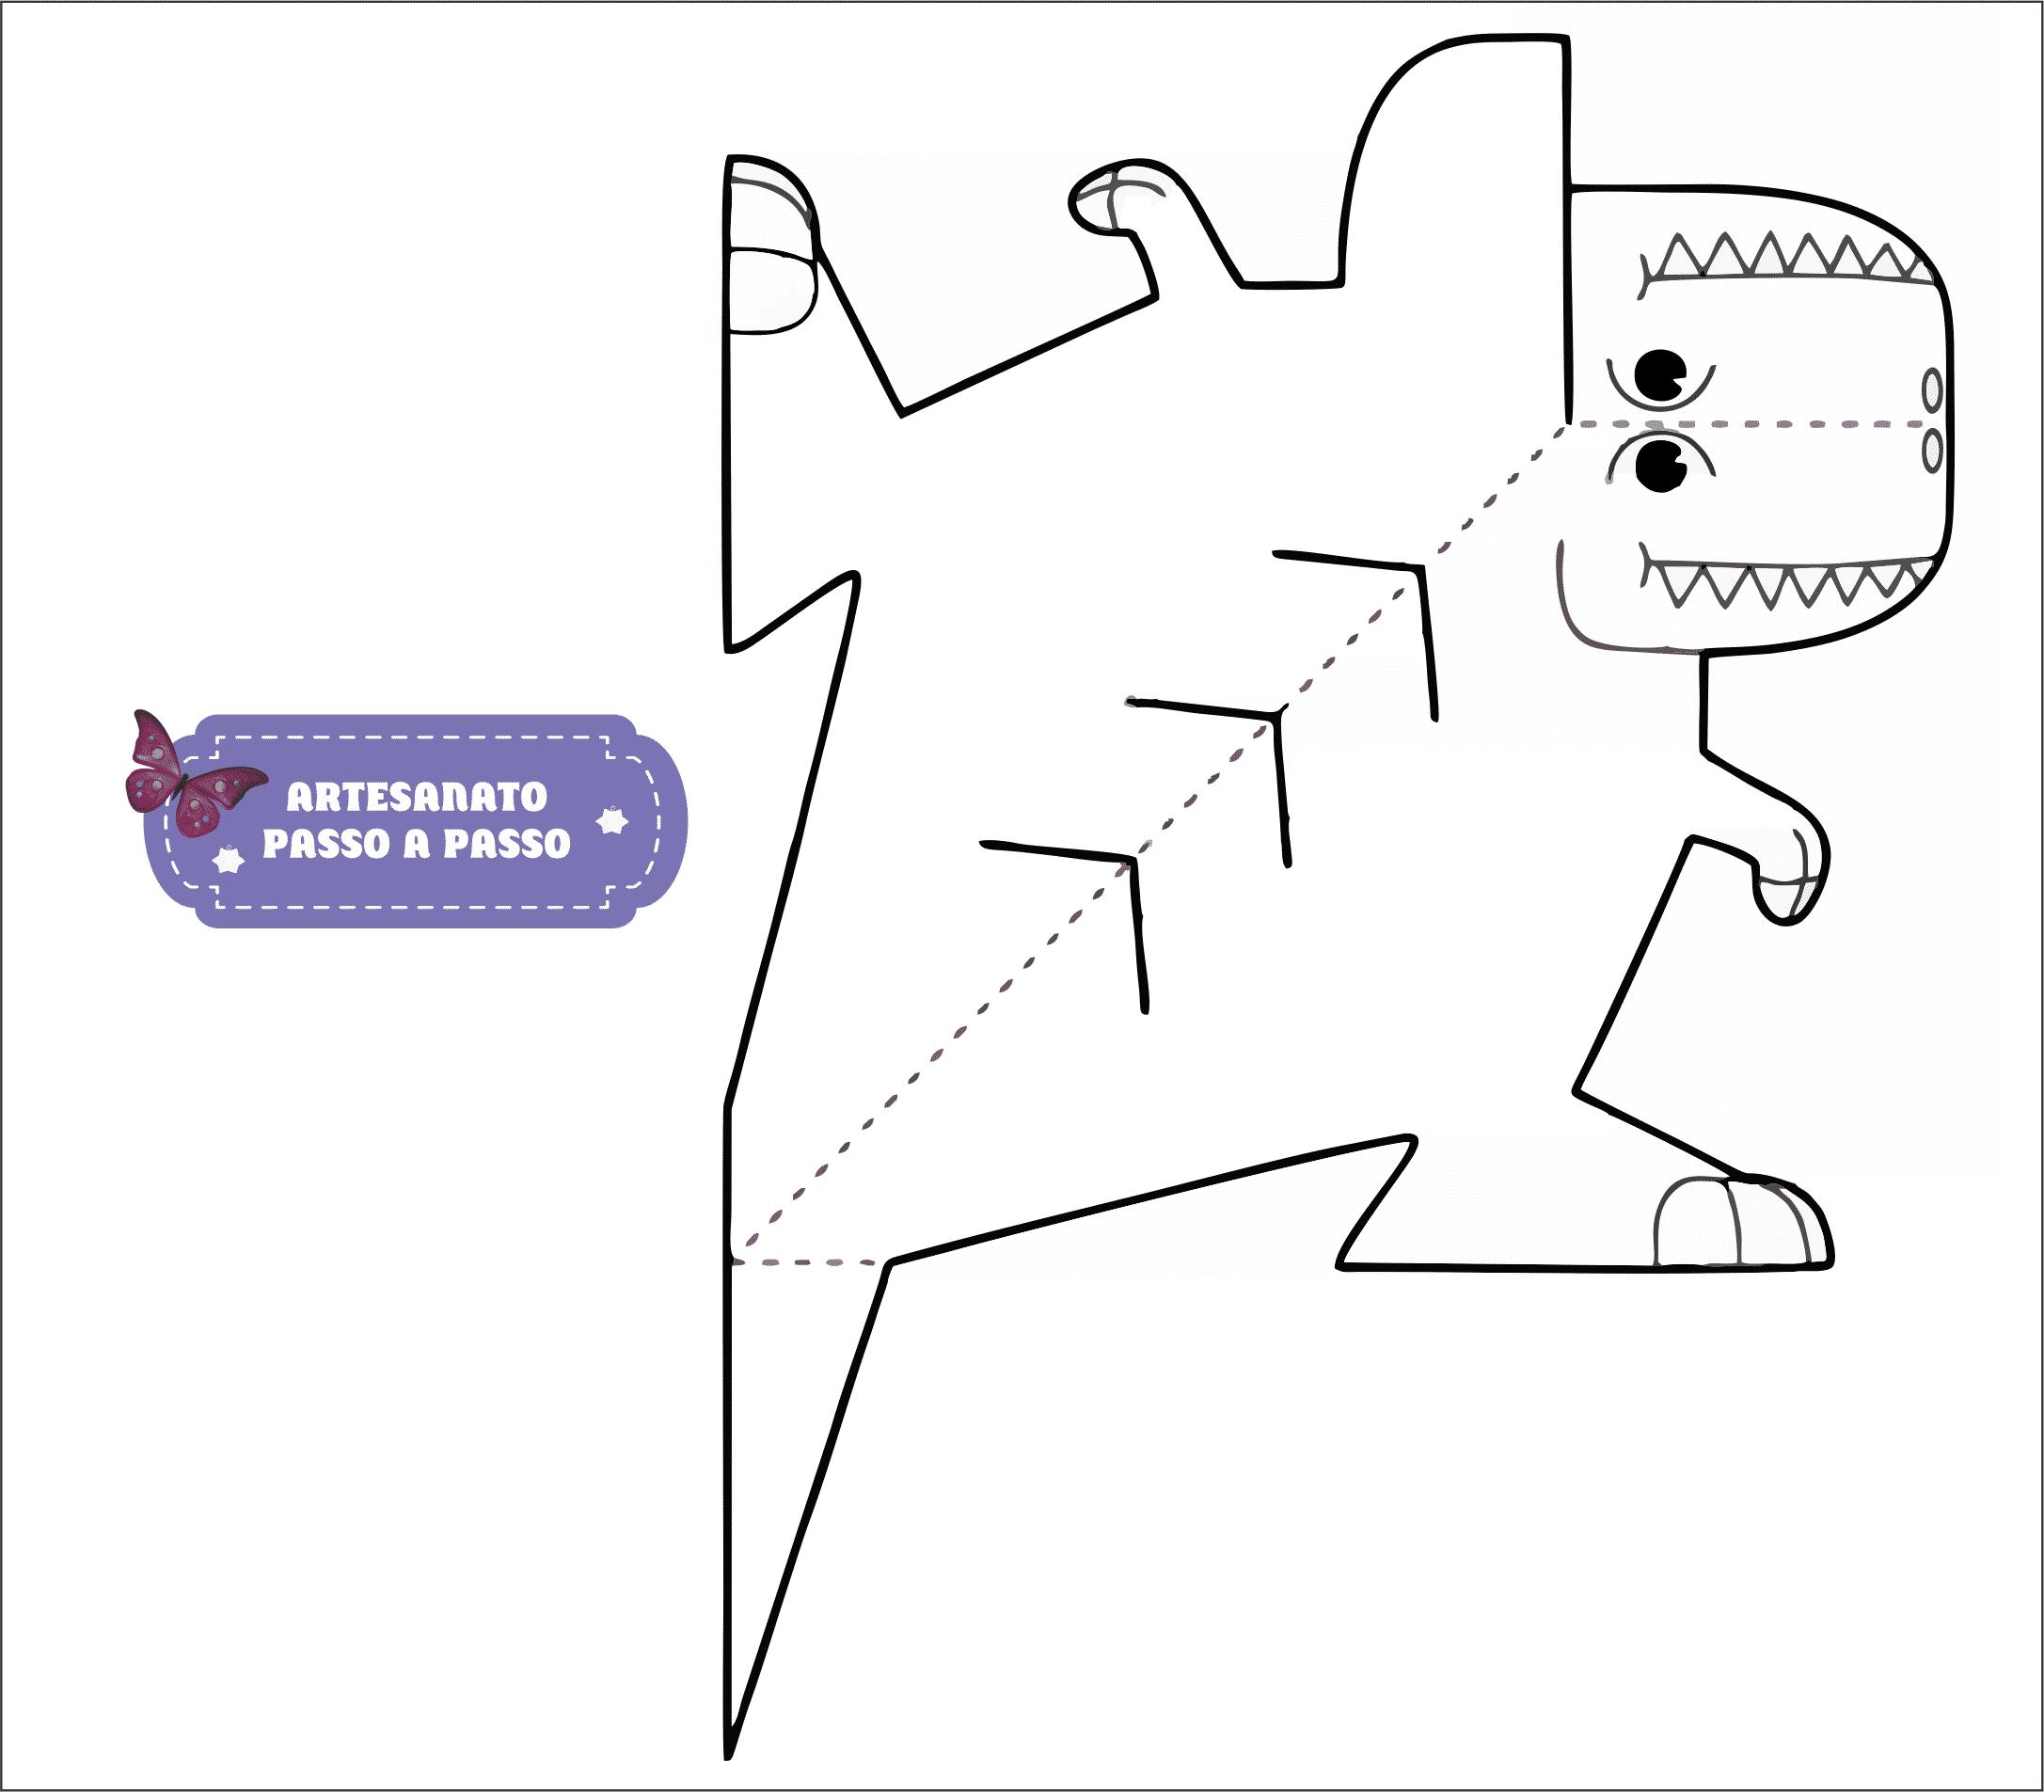 Molde De Dinossauro Artesanato Passo A Passo